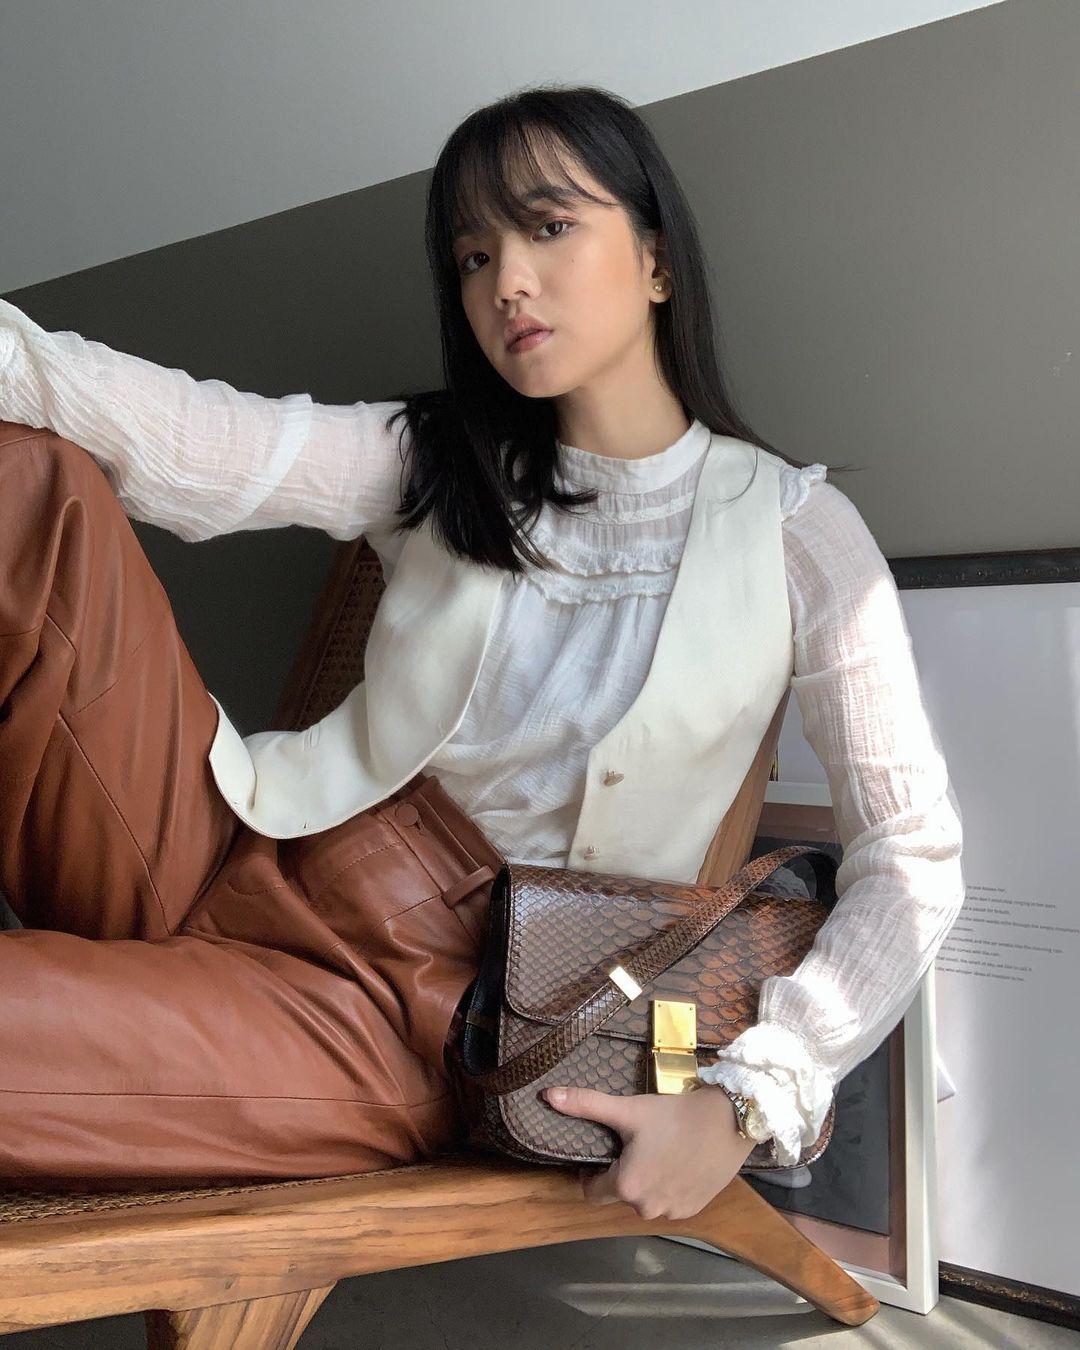 cách phối màu trang phục công sở theo tính chất công việc áo blouse trắng và áo ghi lê